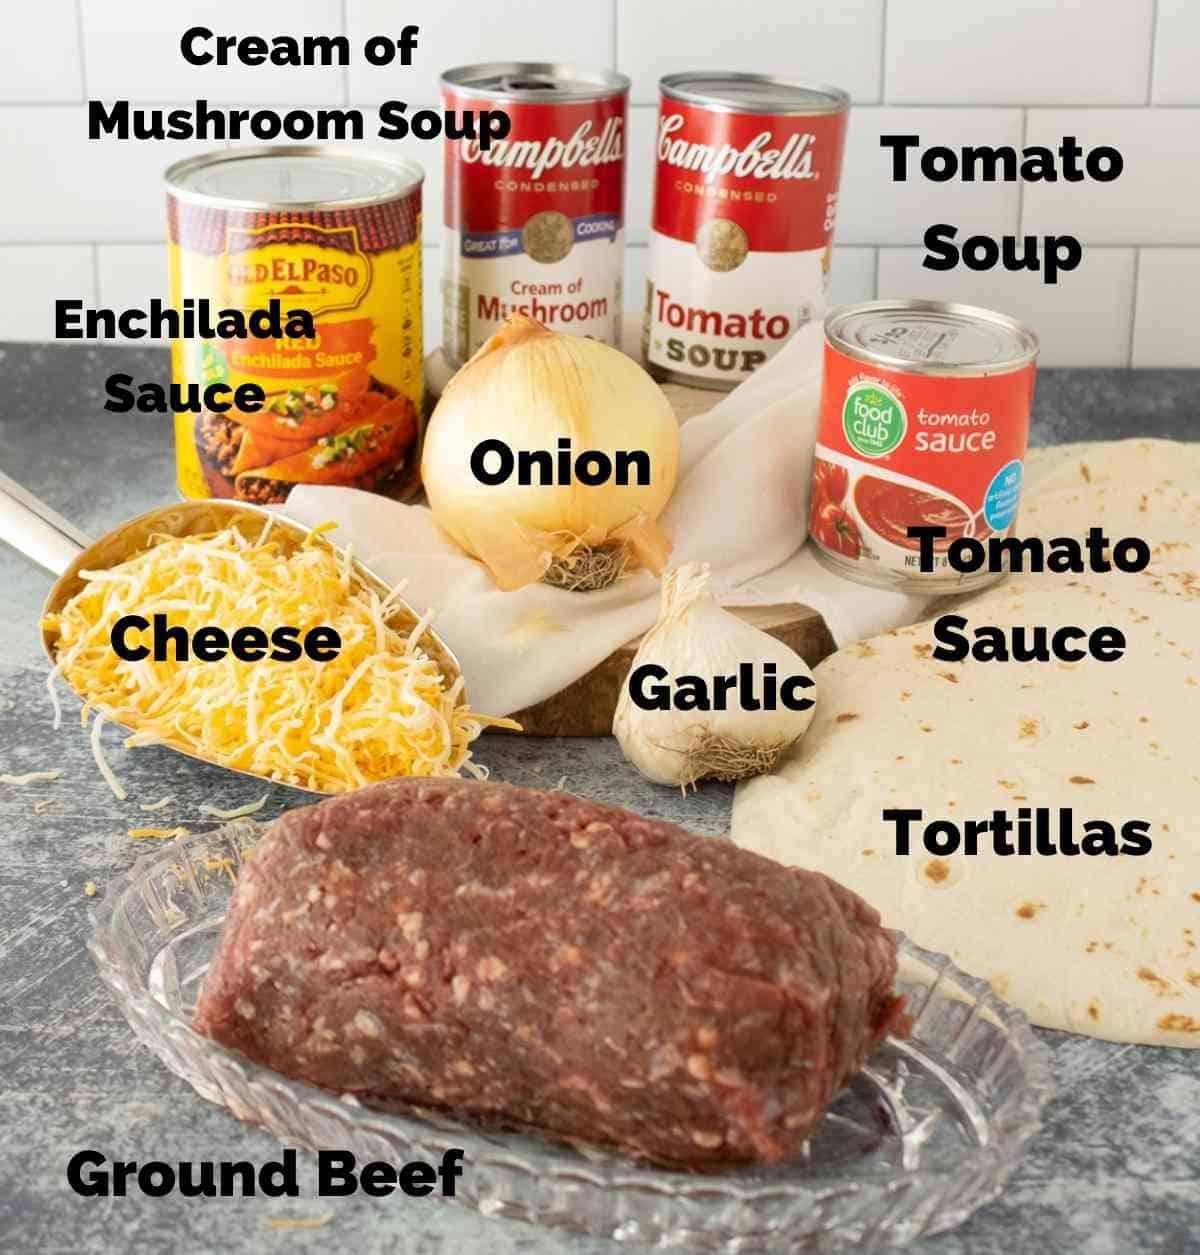 Ingredients for ground beef enchiladas.